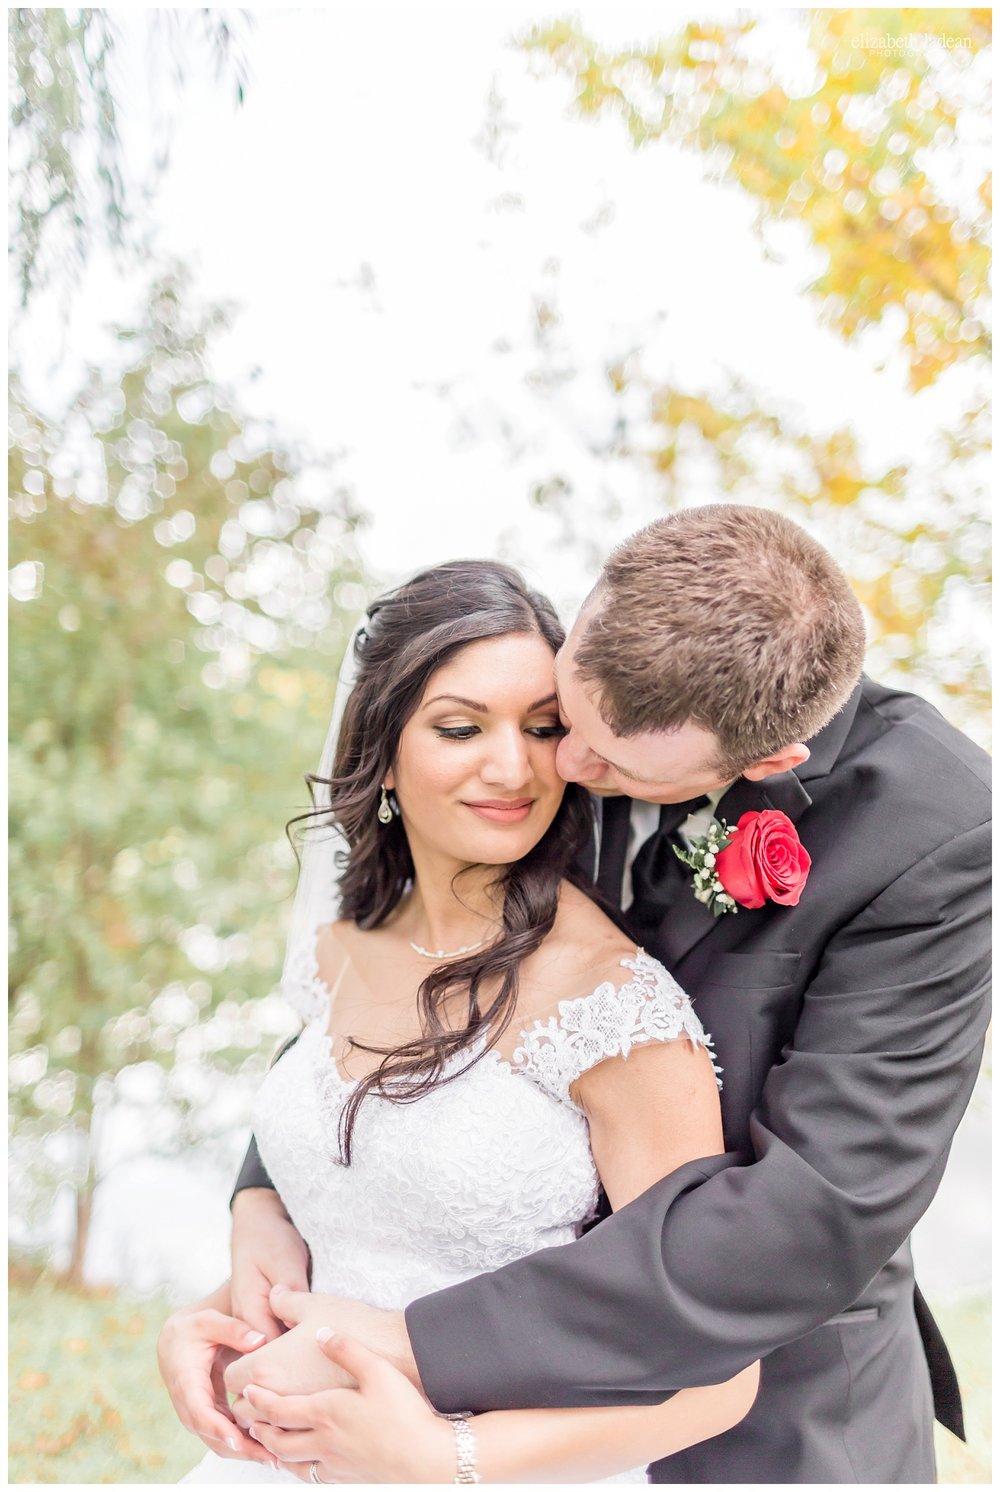 KC Natural Light wedding photographer